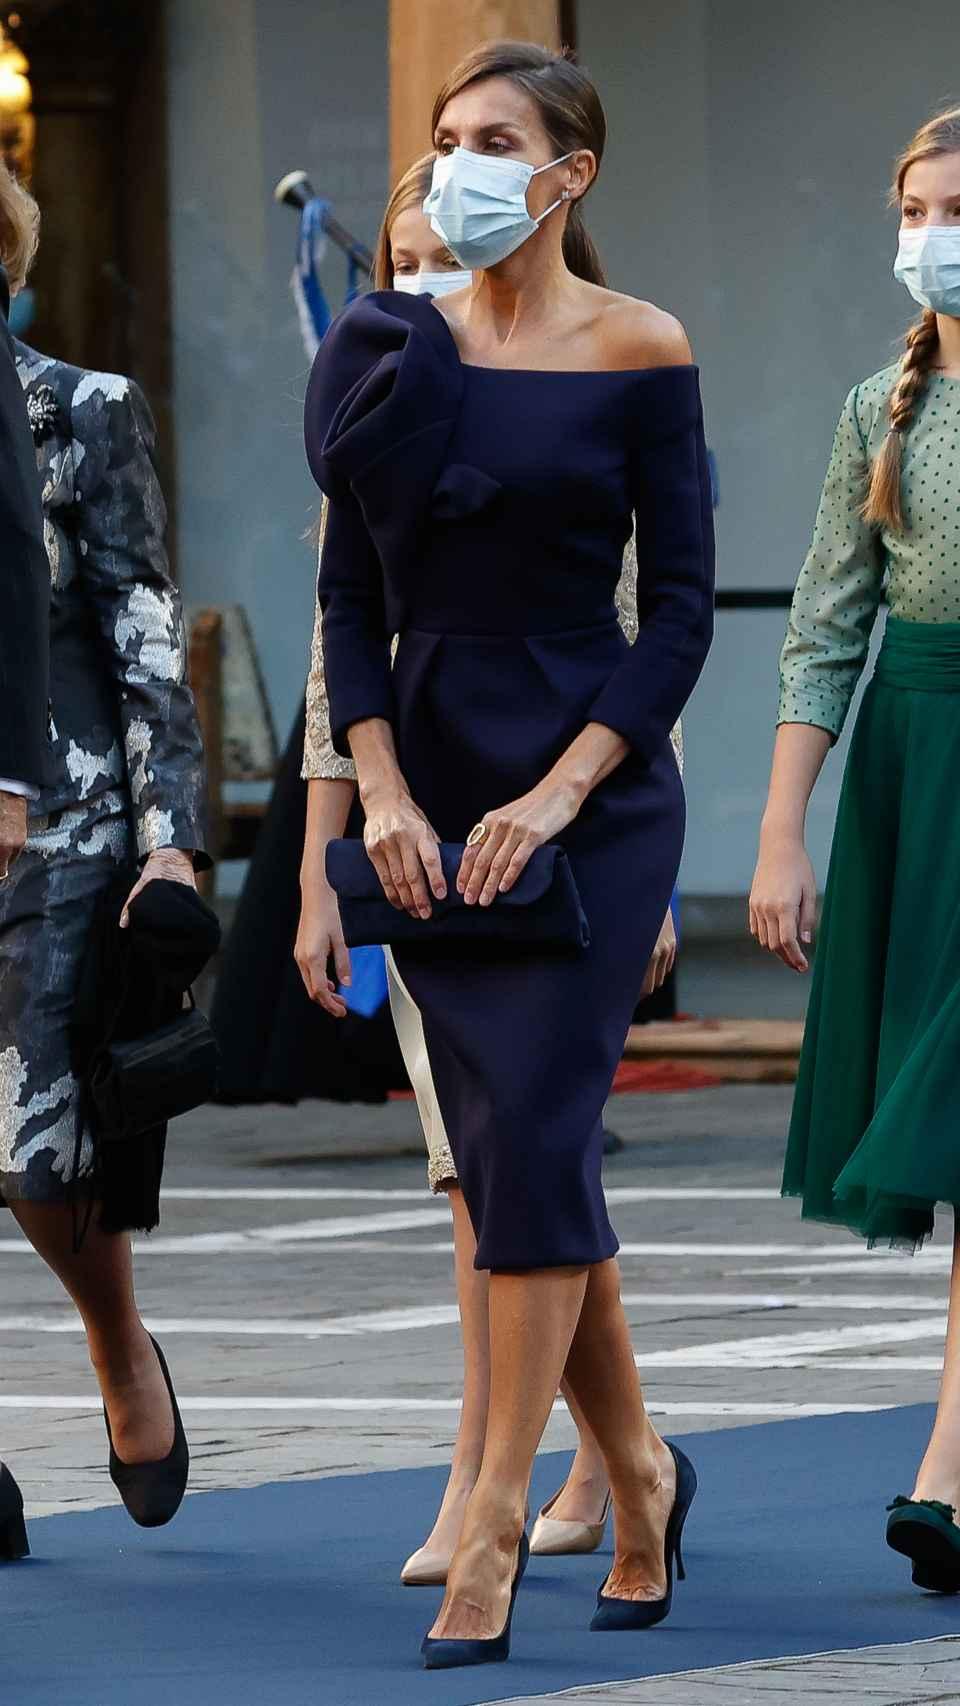 La reina Letizia con vestido de Delpozo en los Premios Princesa de Asturias 2020.